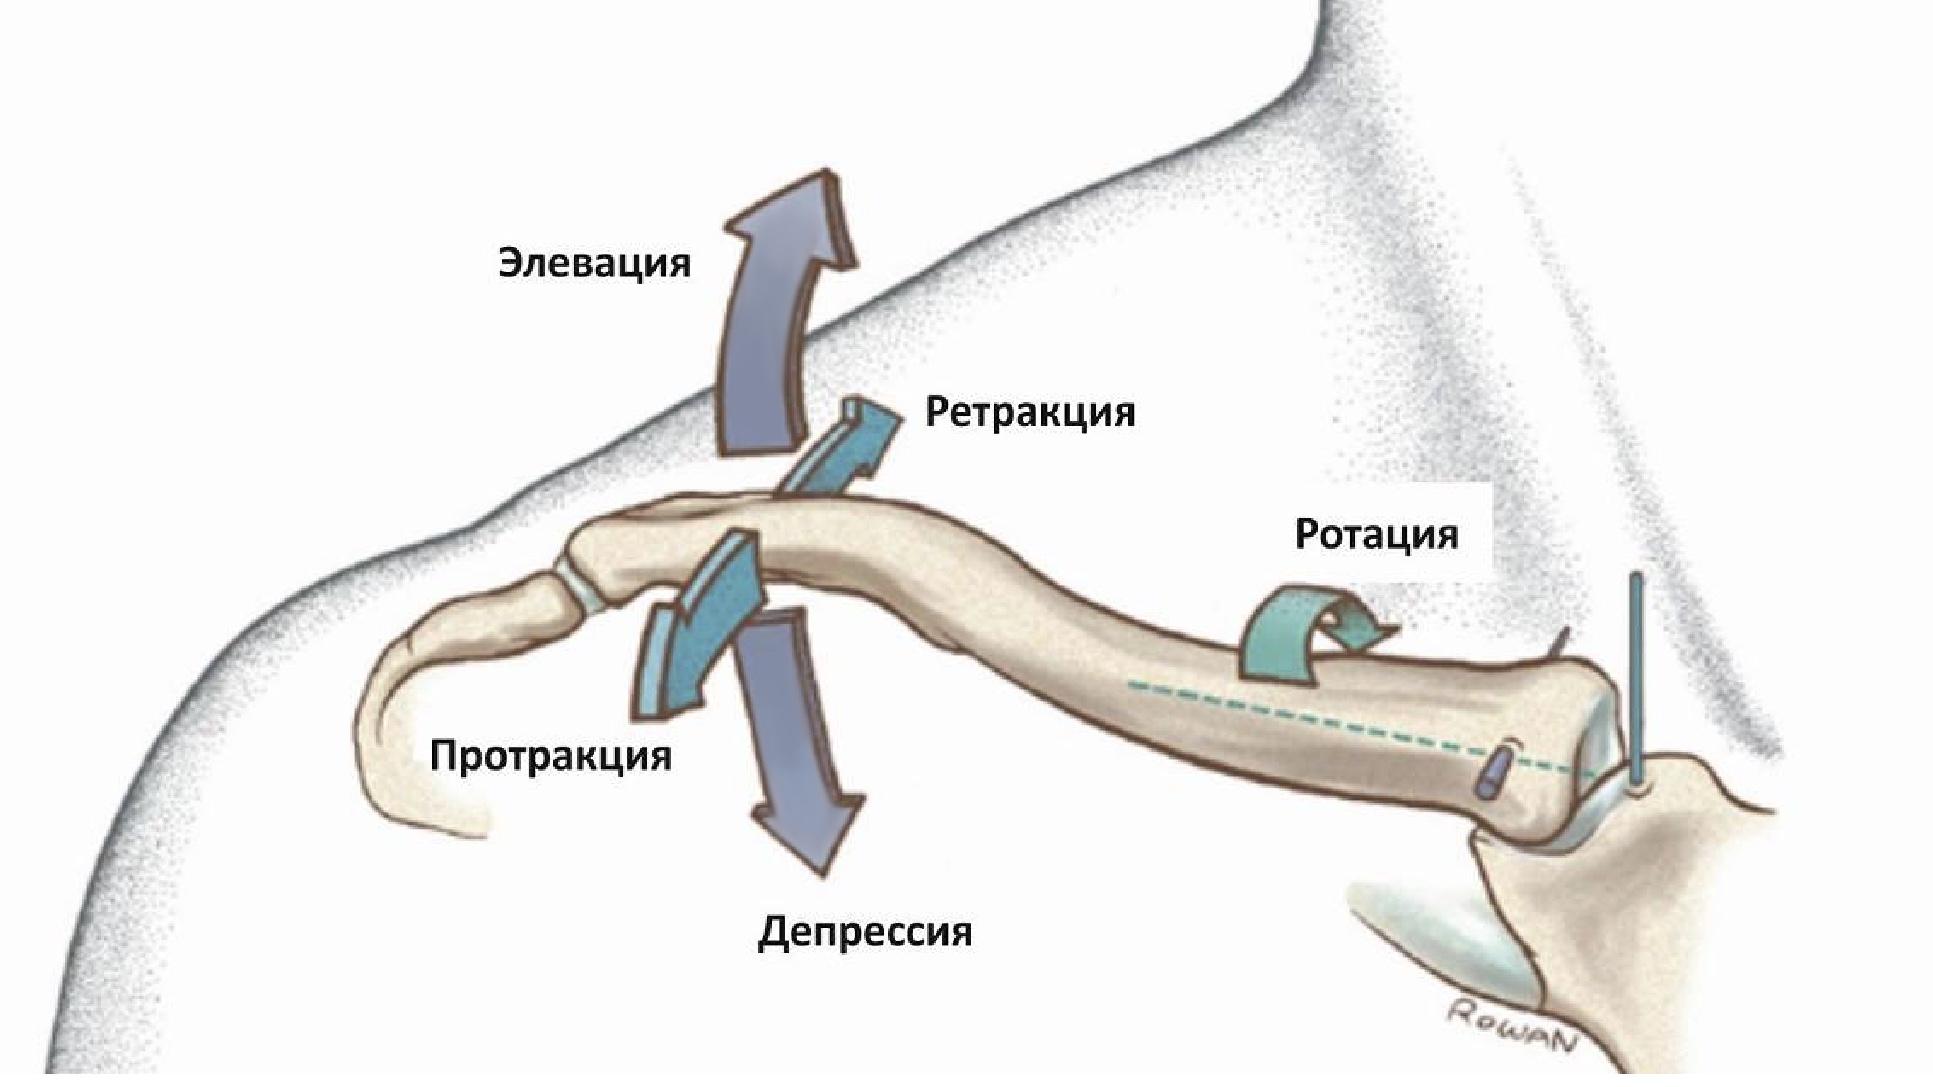 Анатомия акромиально-ключичного сустава